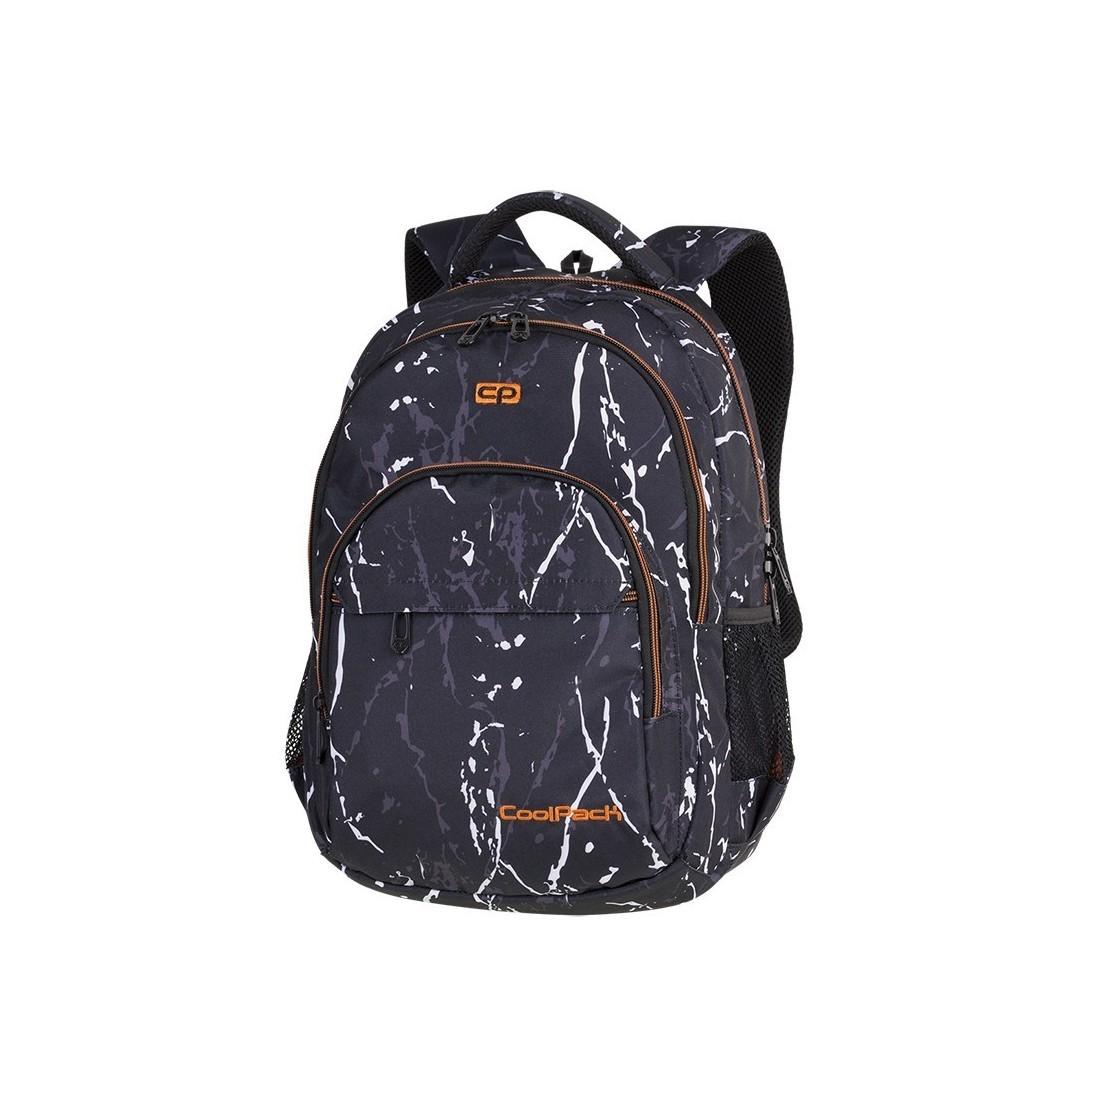 Plecak szkolny CoolPack CP BASIC PLUS BLACK MARBLE czarny marmur pomarańczowe elementy A141